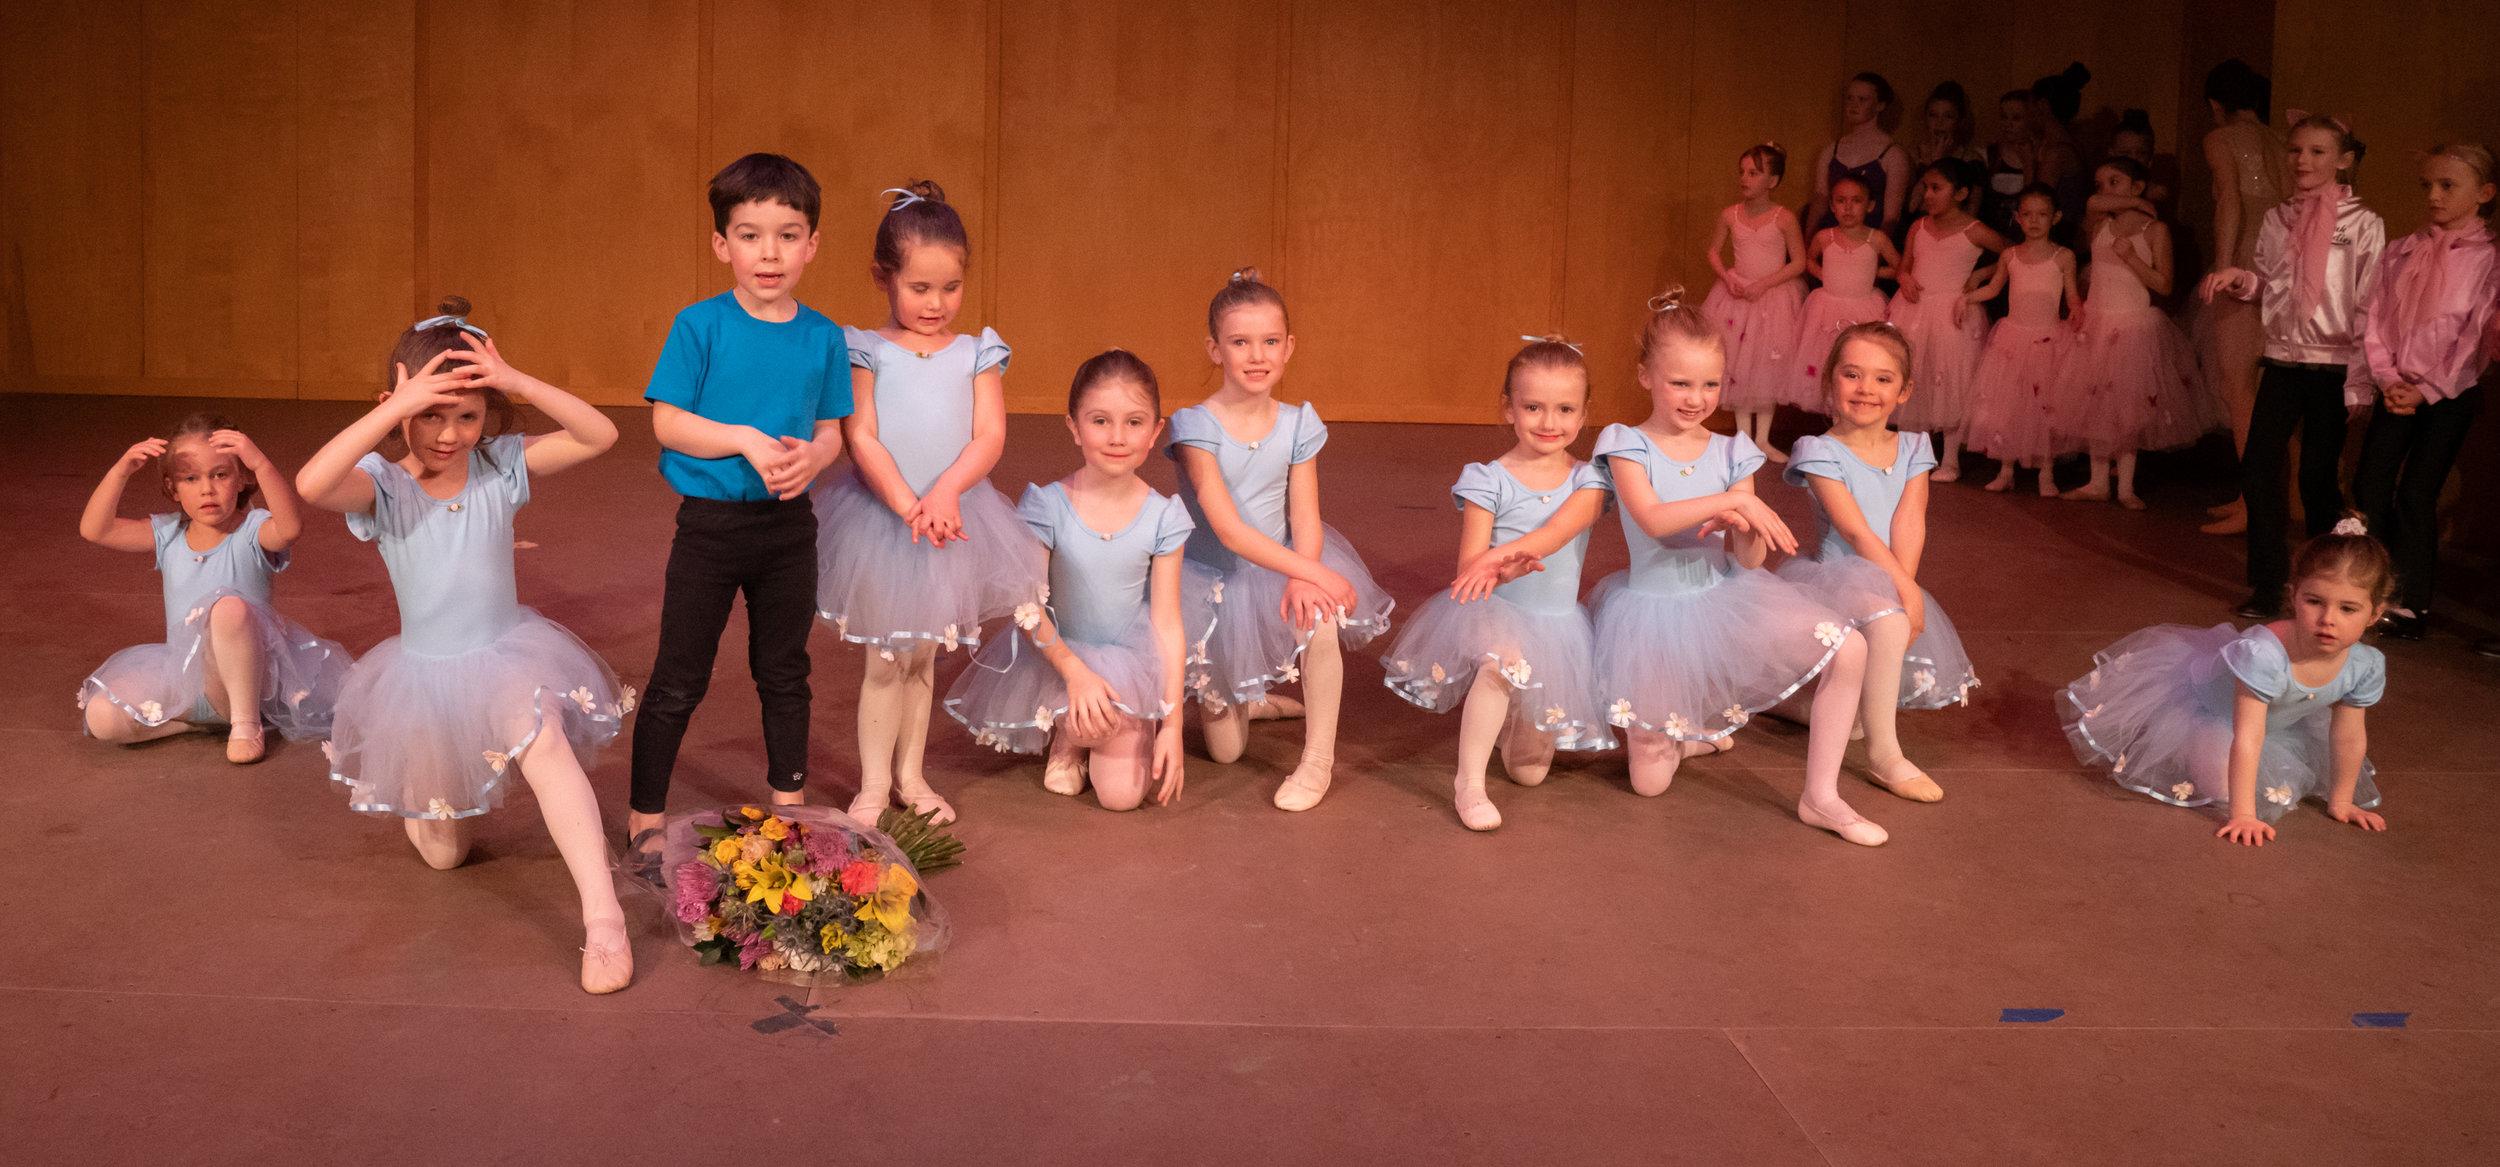 ballet jan 2018 extra-12.jpg